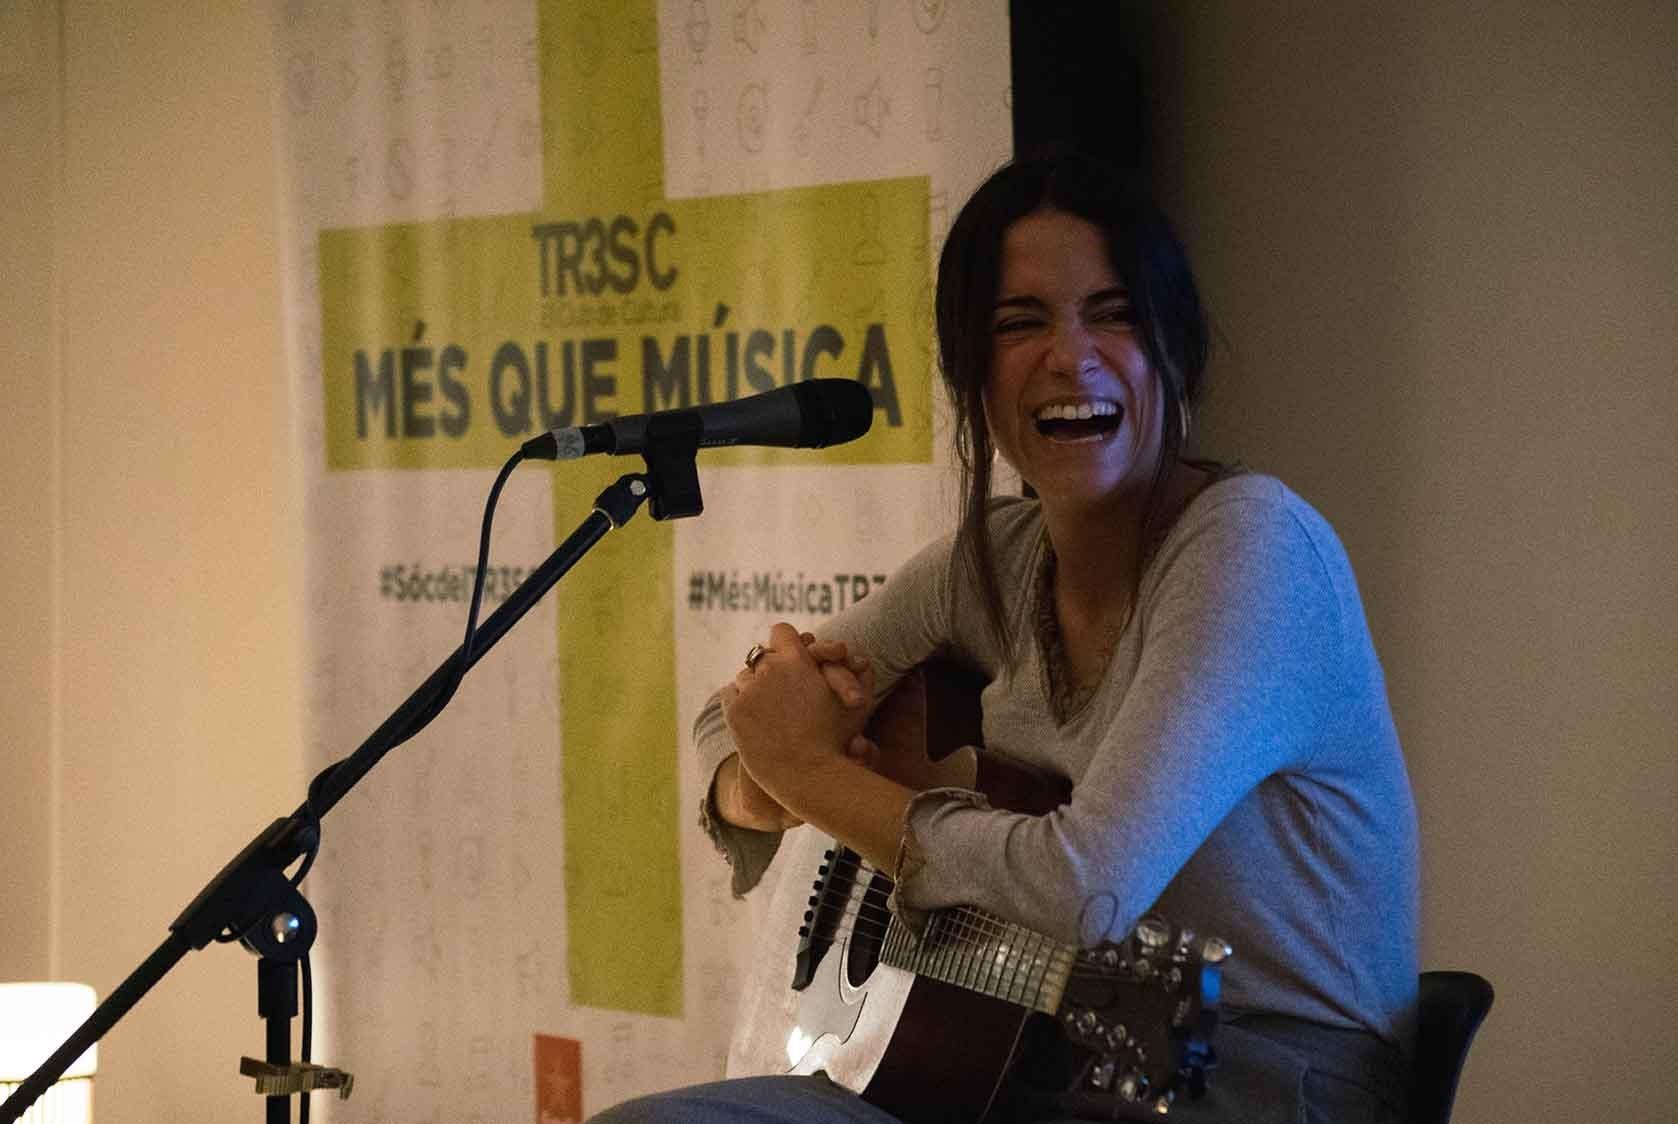 #MésQueMúsica amb Mavica